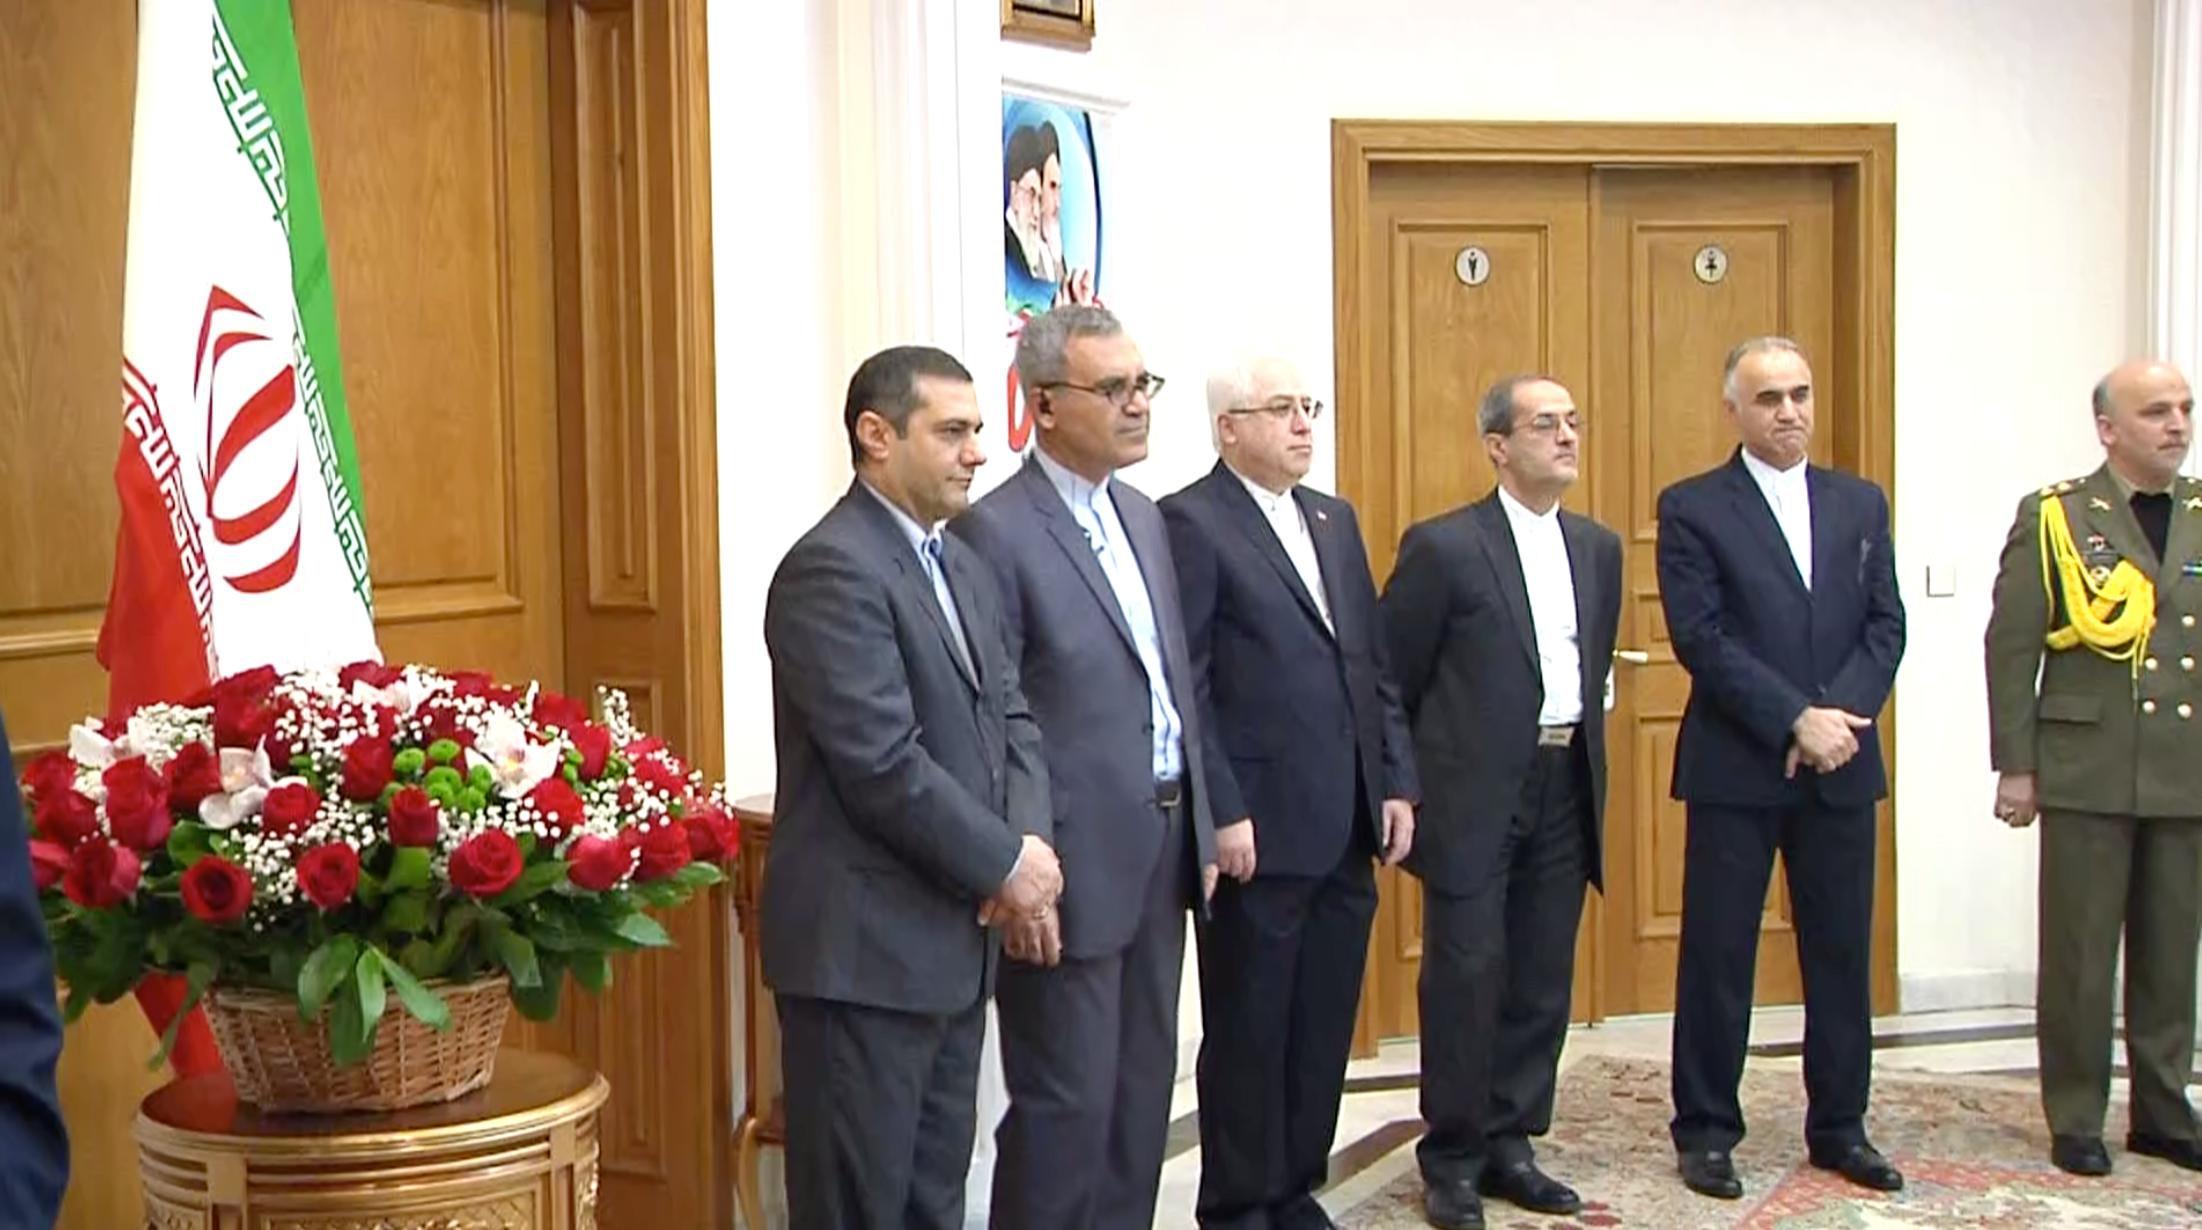 В Москве прошла церемония годовщины победы Исламской революции в Иране